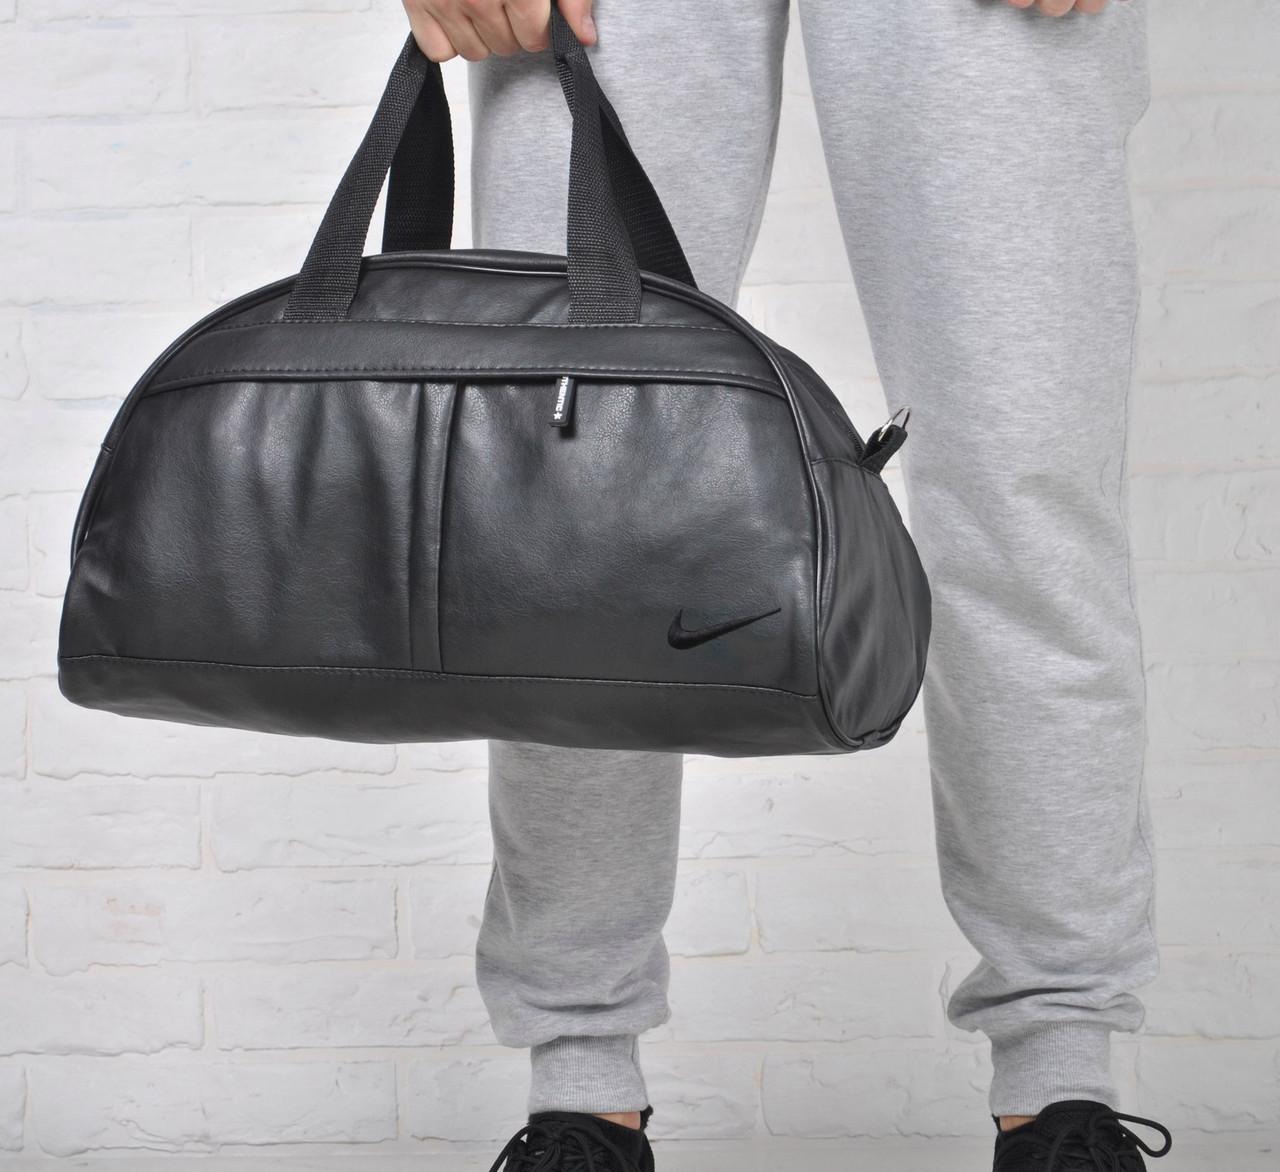 b9114e81 Спортивная женская сумка Nike, цена 350 грн., купить в Киеве — Prom ...